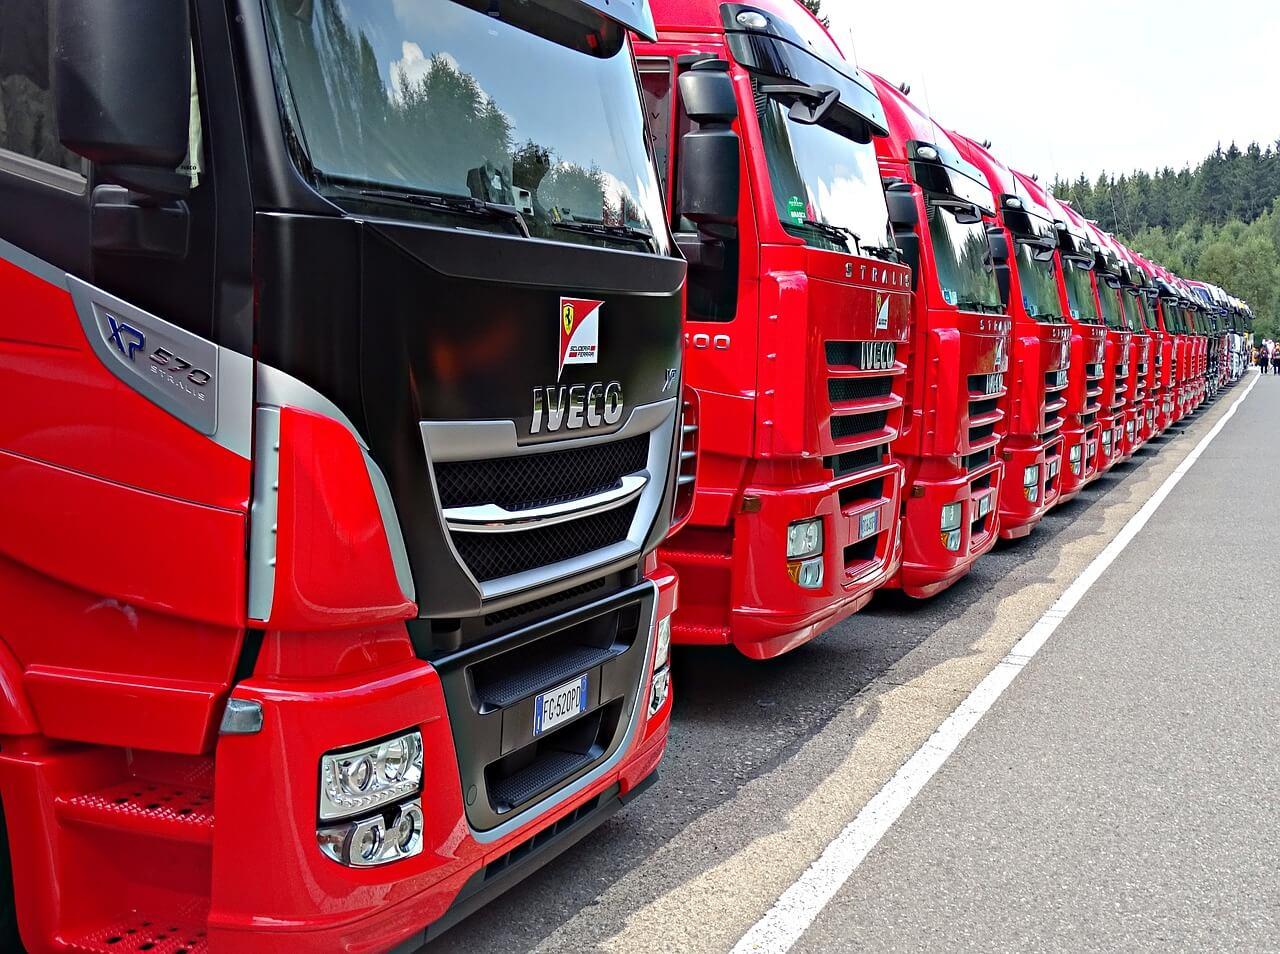 住友商事、米国デジタルマッチング型トラック物流事業者に投資